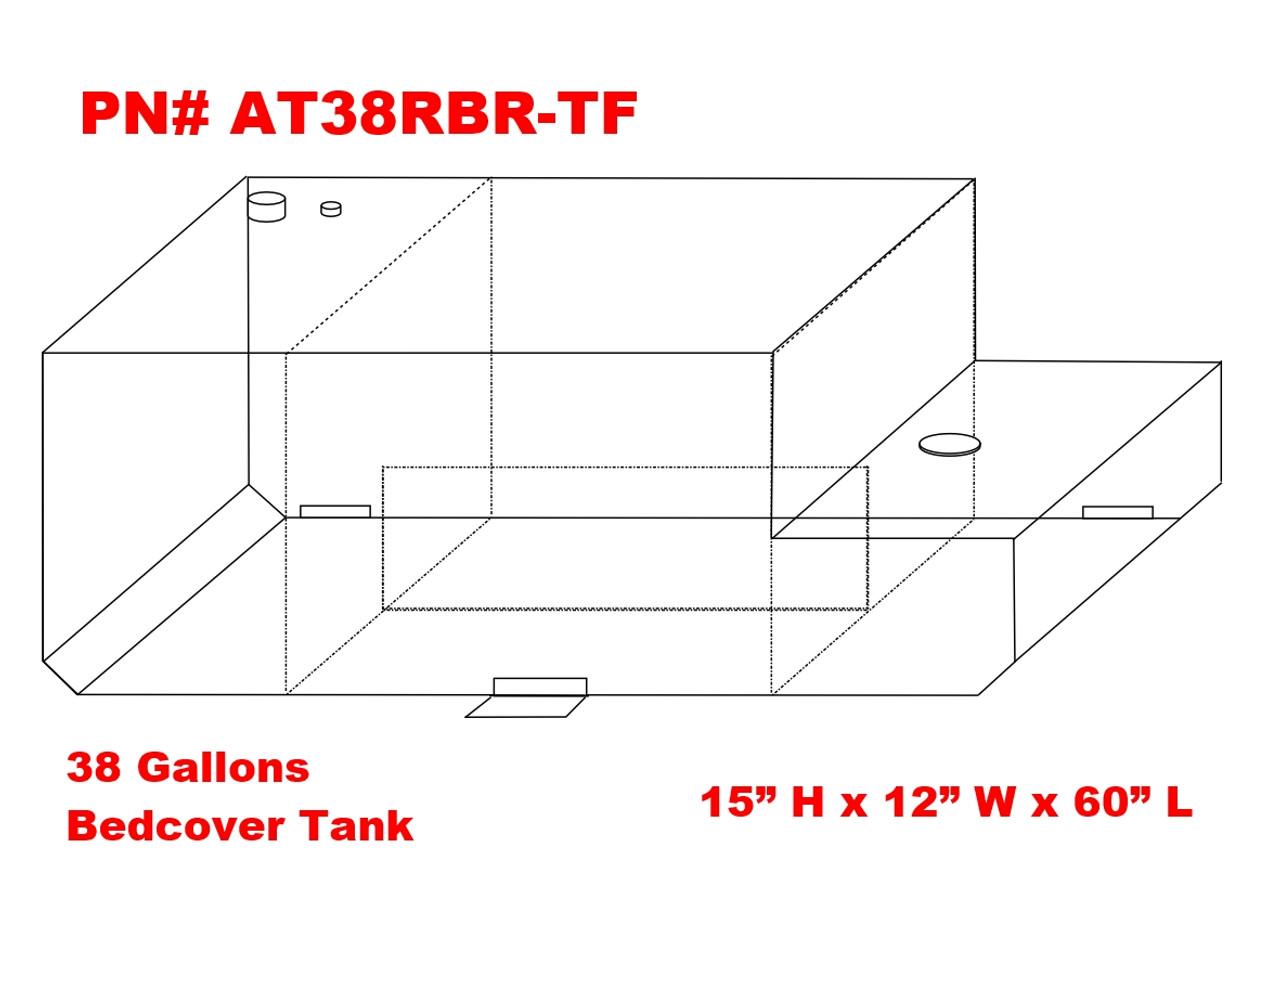 hight resolution of at38rbr tf dot legal transfer tank pn at38rbr tf 38 gallon